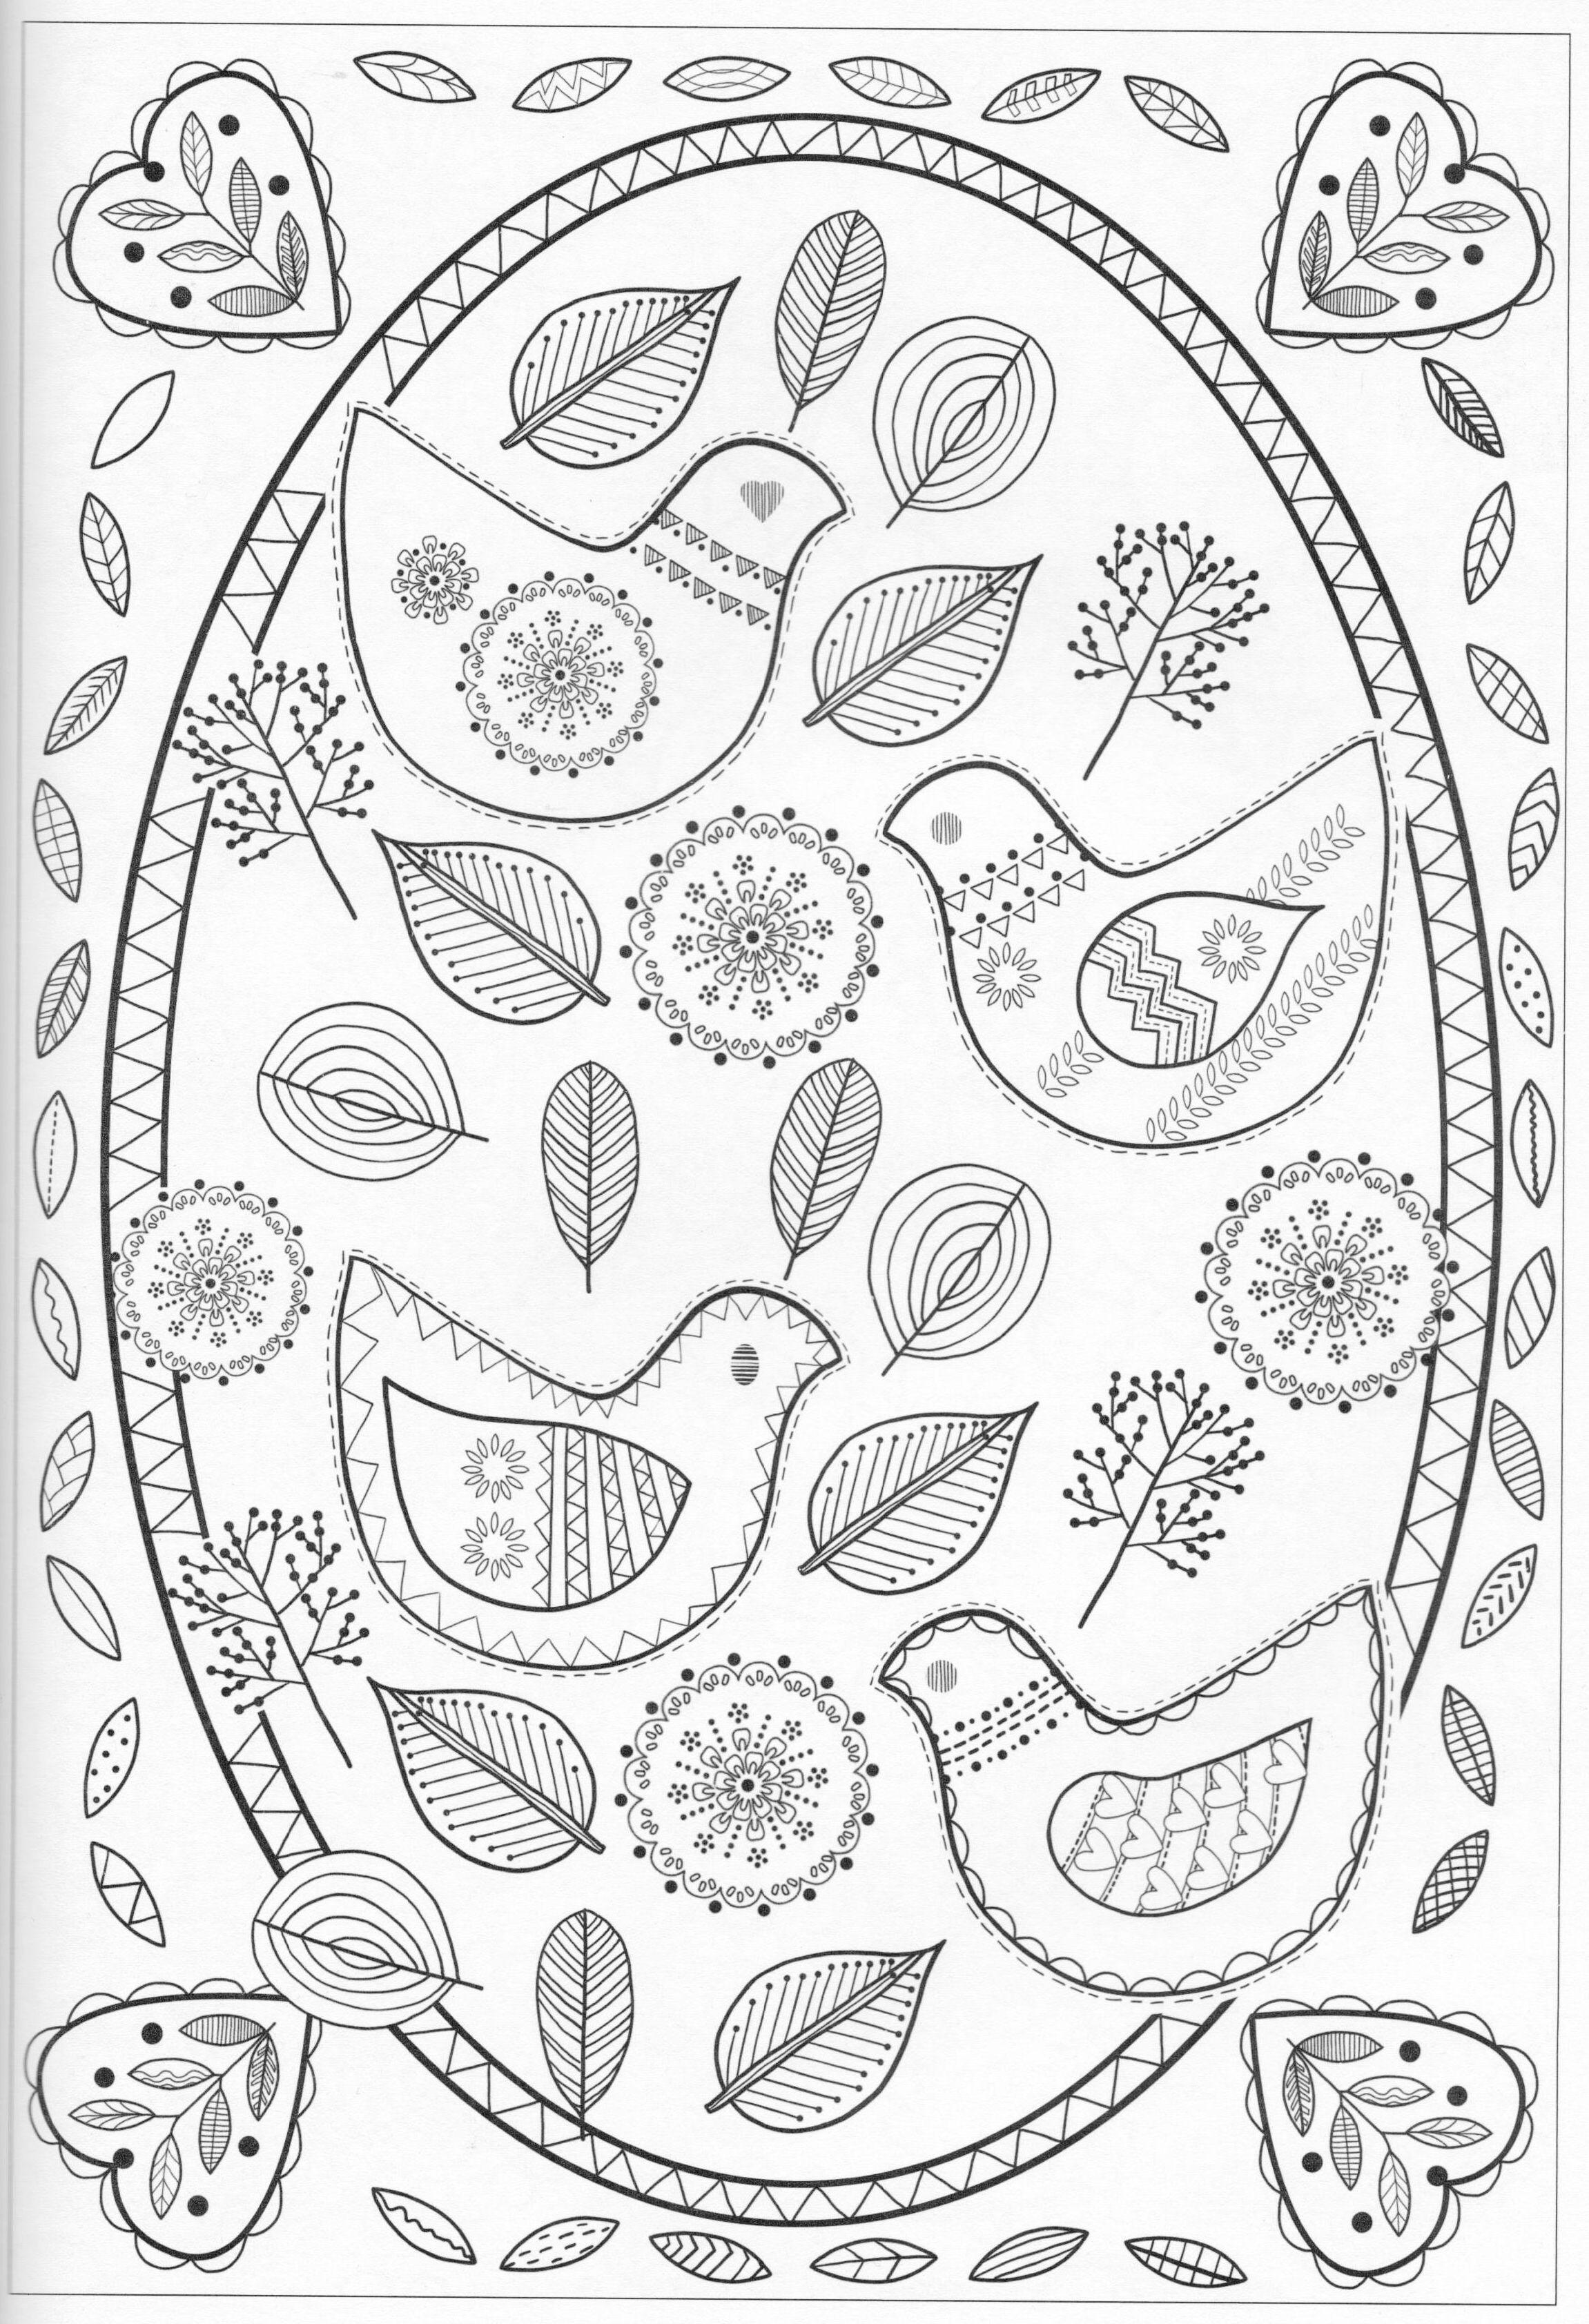 Anspruchsvolle Mandalas Zum Ausdrucken Das Beste Von Mandala Ostern Malvorlagen Schön 149 Dibujos Para Imprimir Colorear Stock